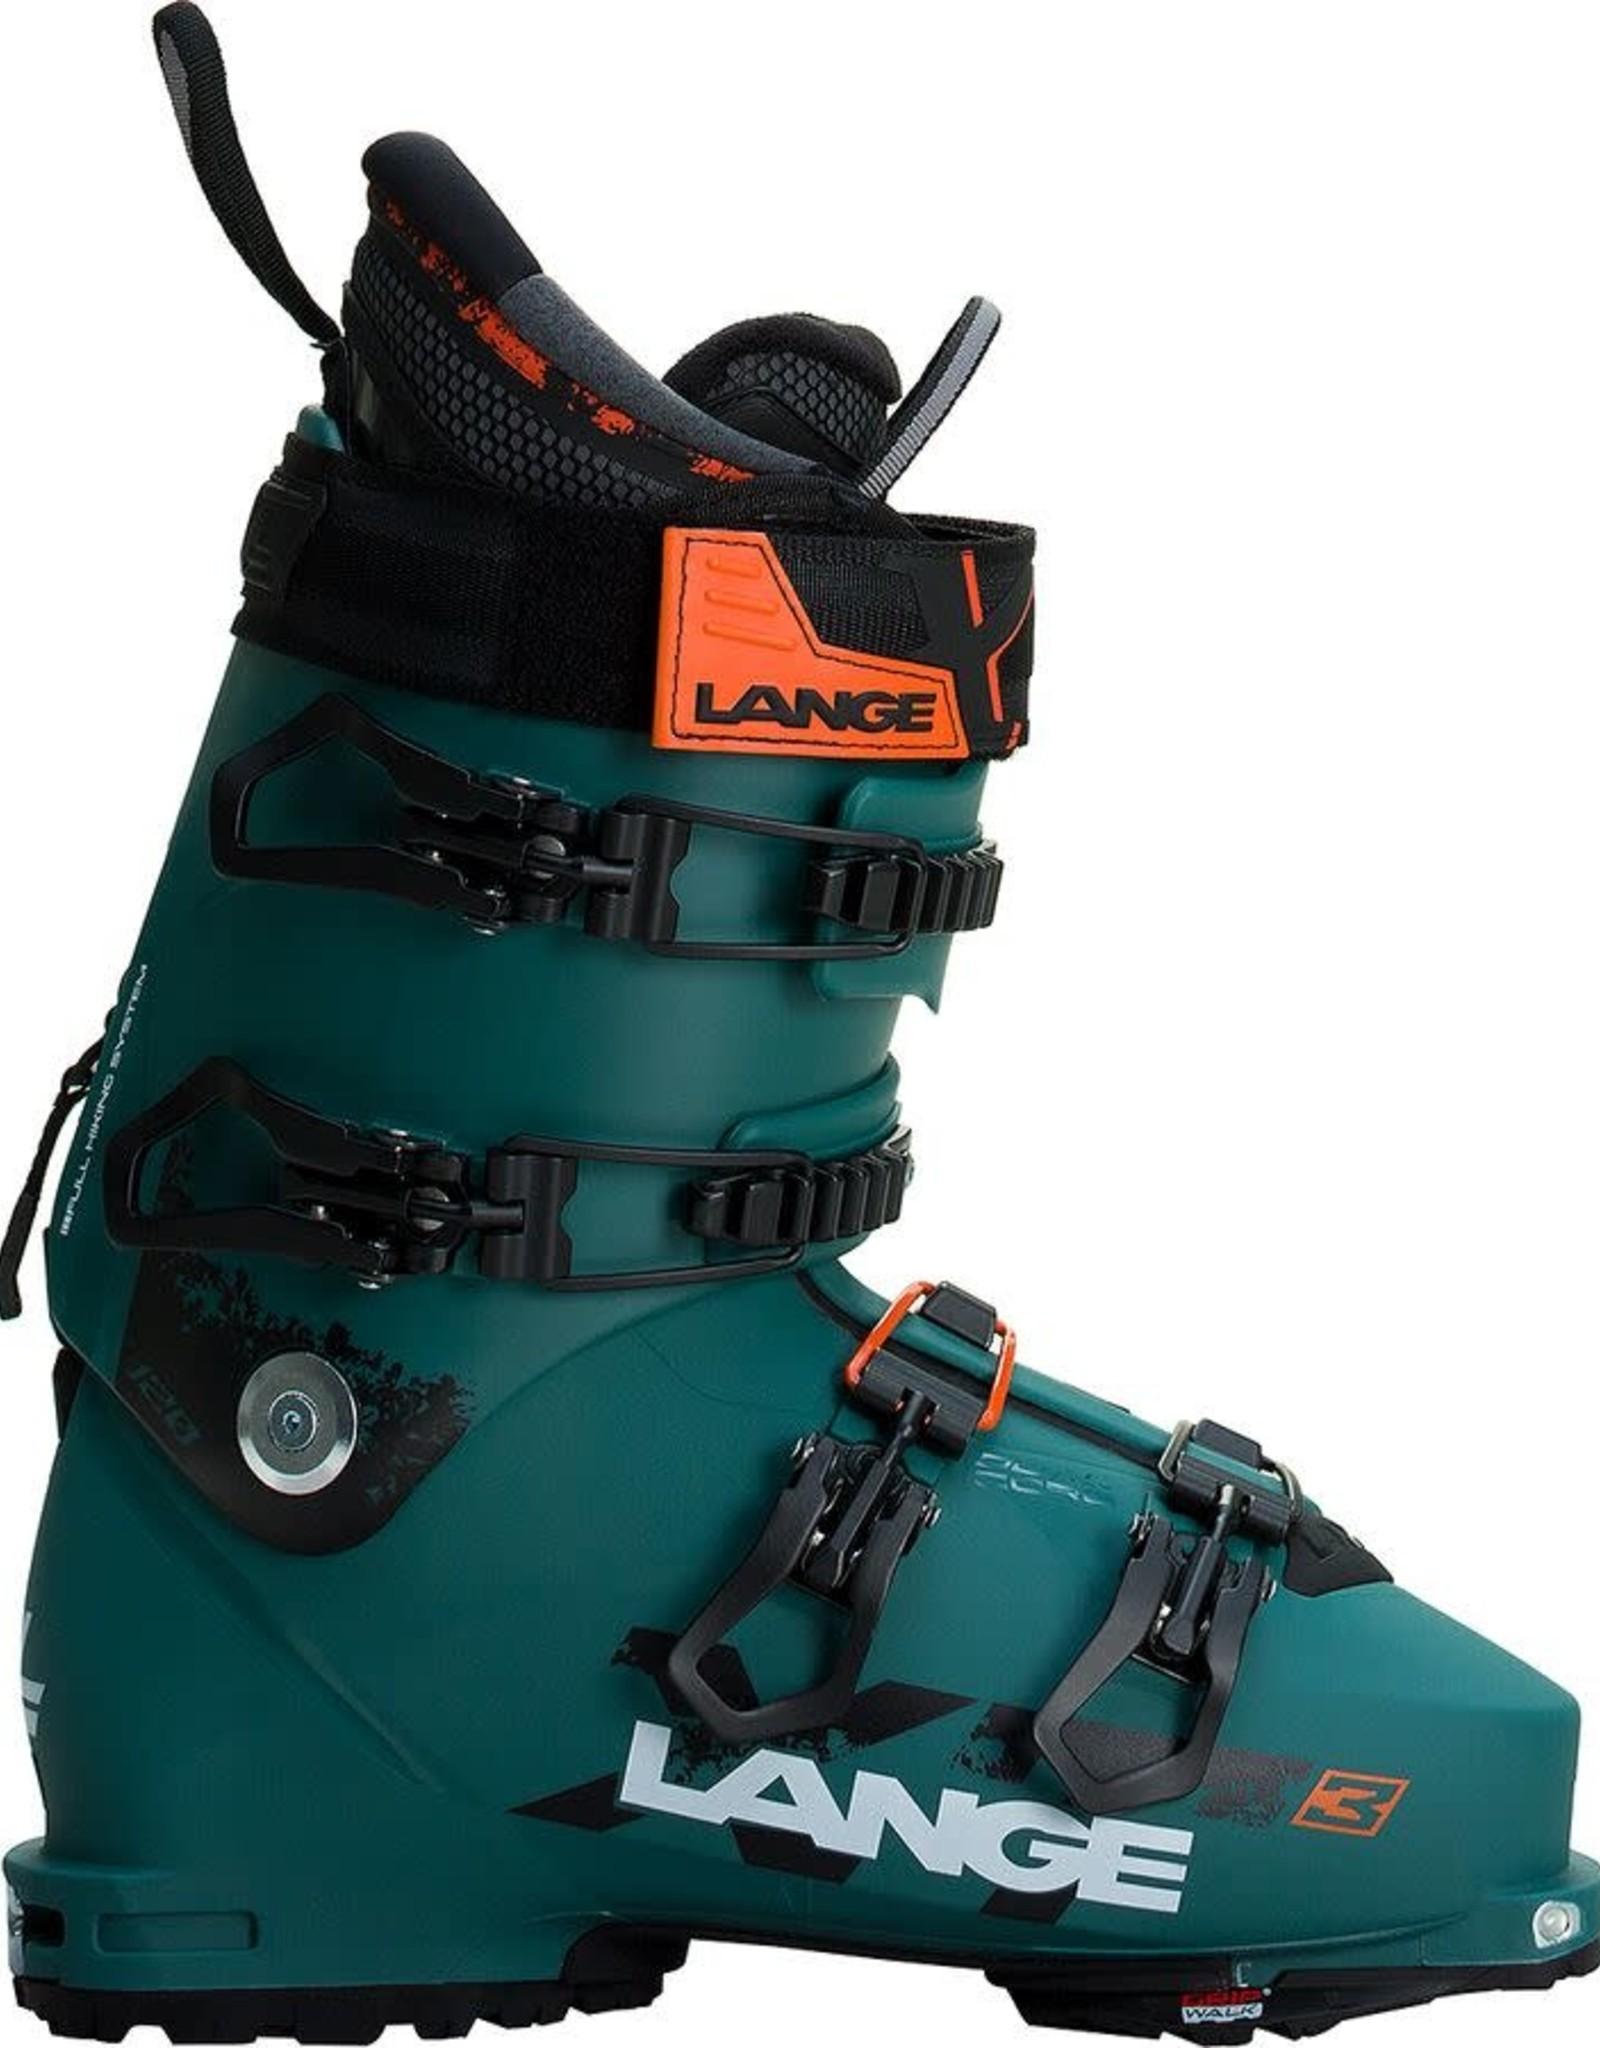 Lange LANGE Ski Boots XT3 120 L.V. (21/22)